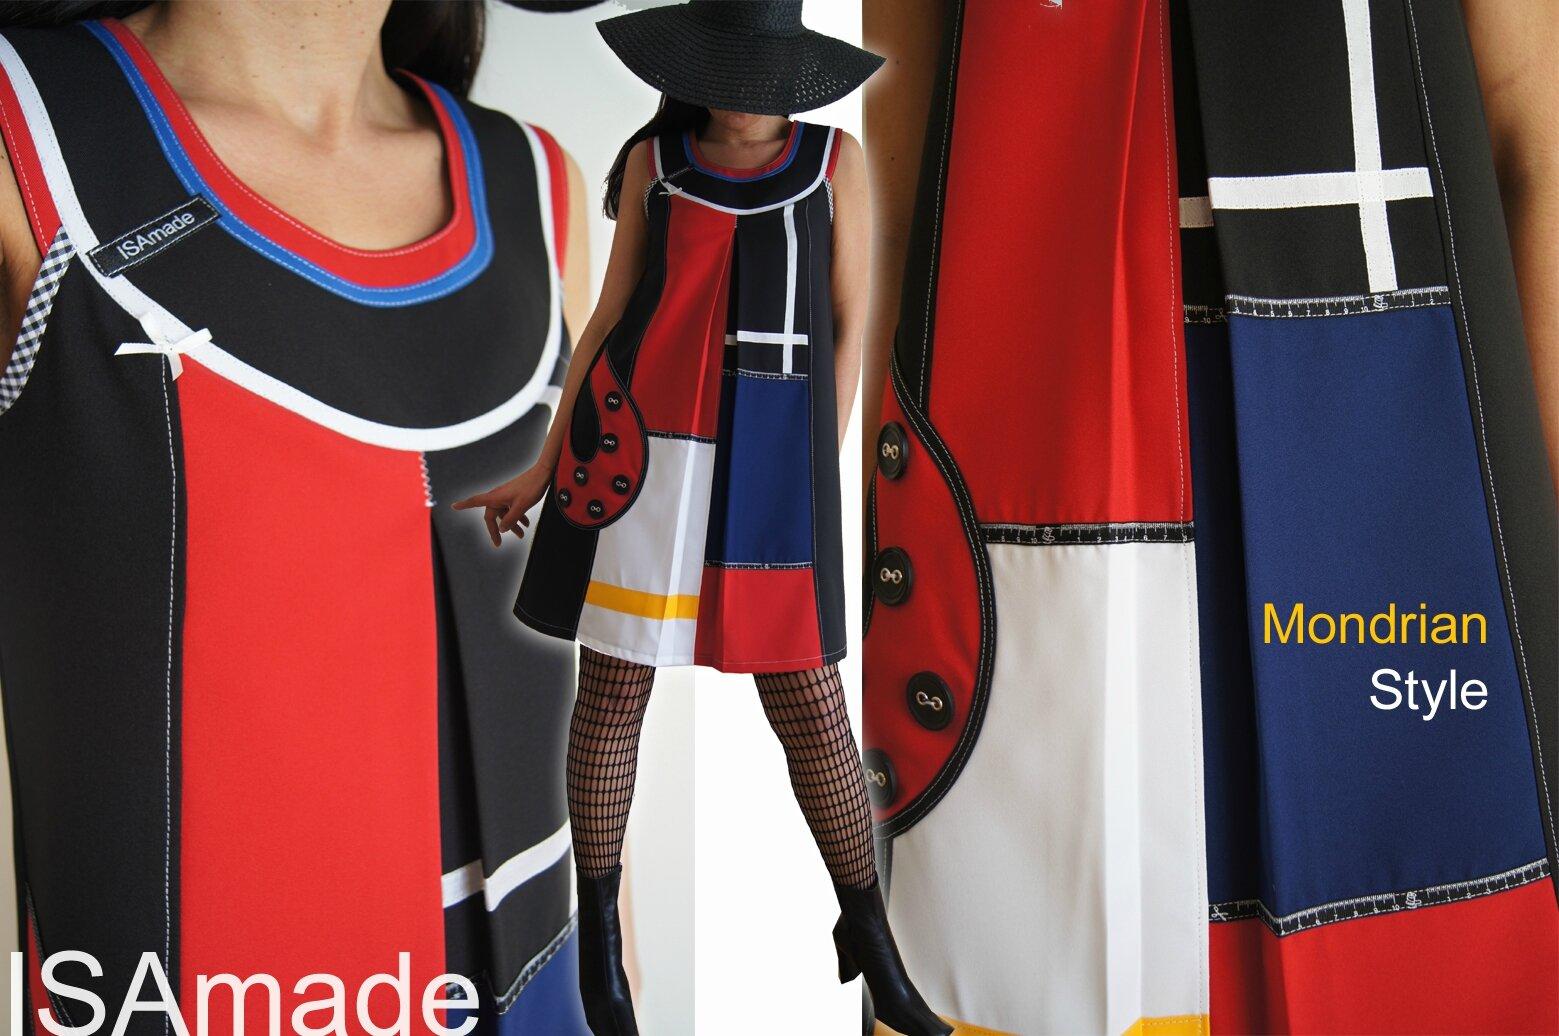 Robe graphique de style Mondrian réactualisée façon ISAmade